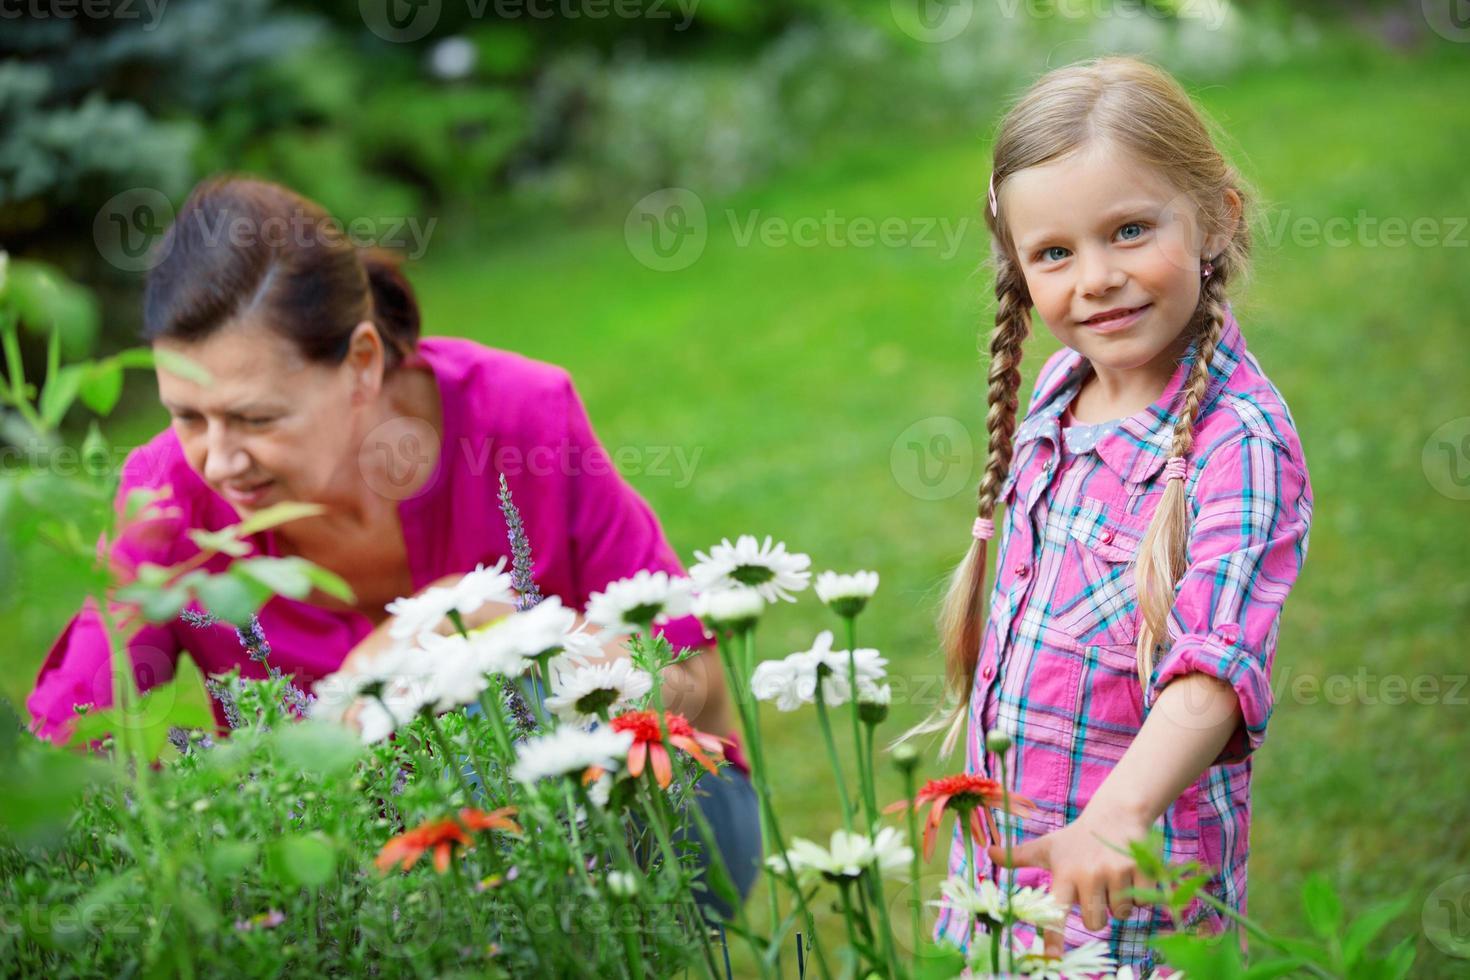 flicka och granny trädgårdsskötsel tillsammans foto